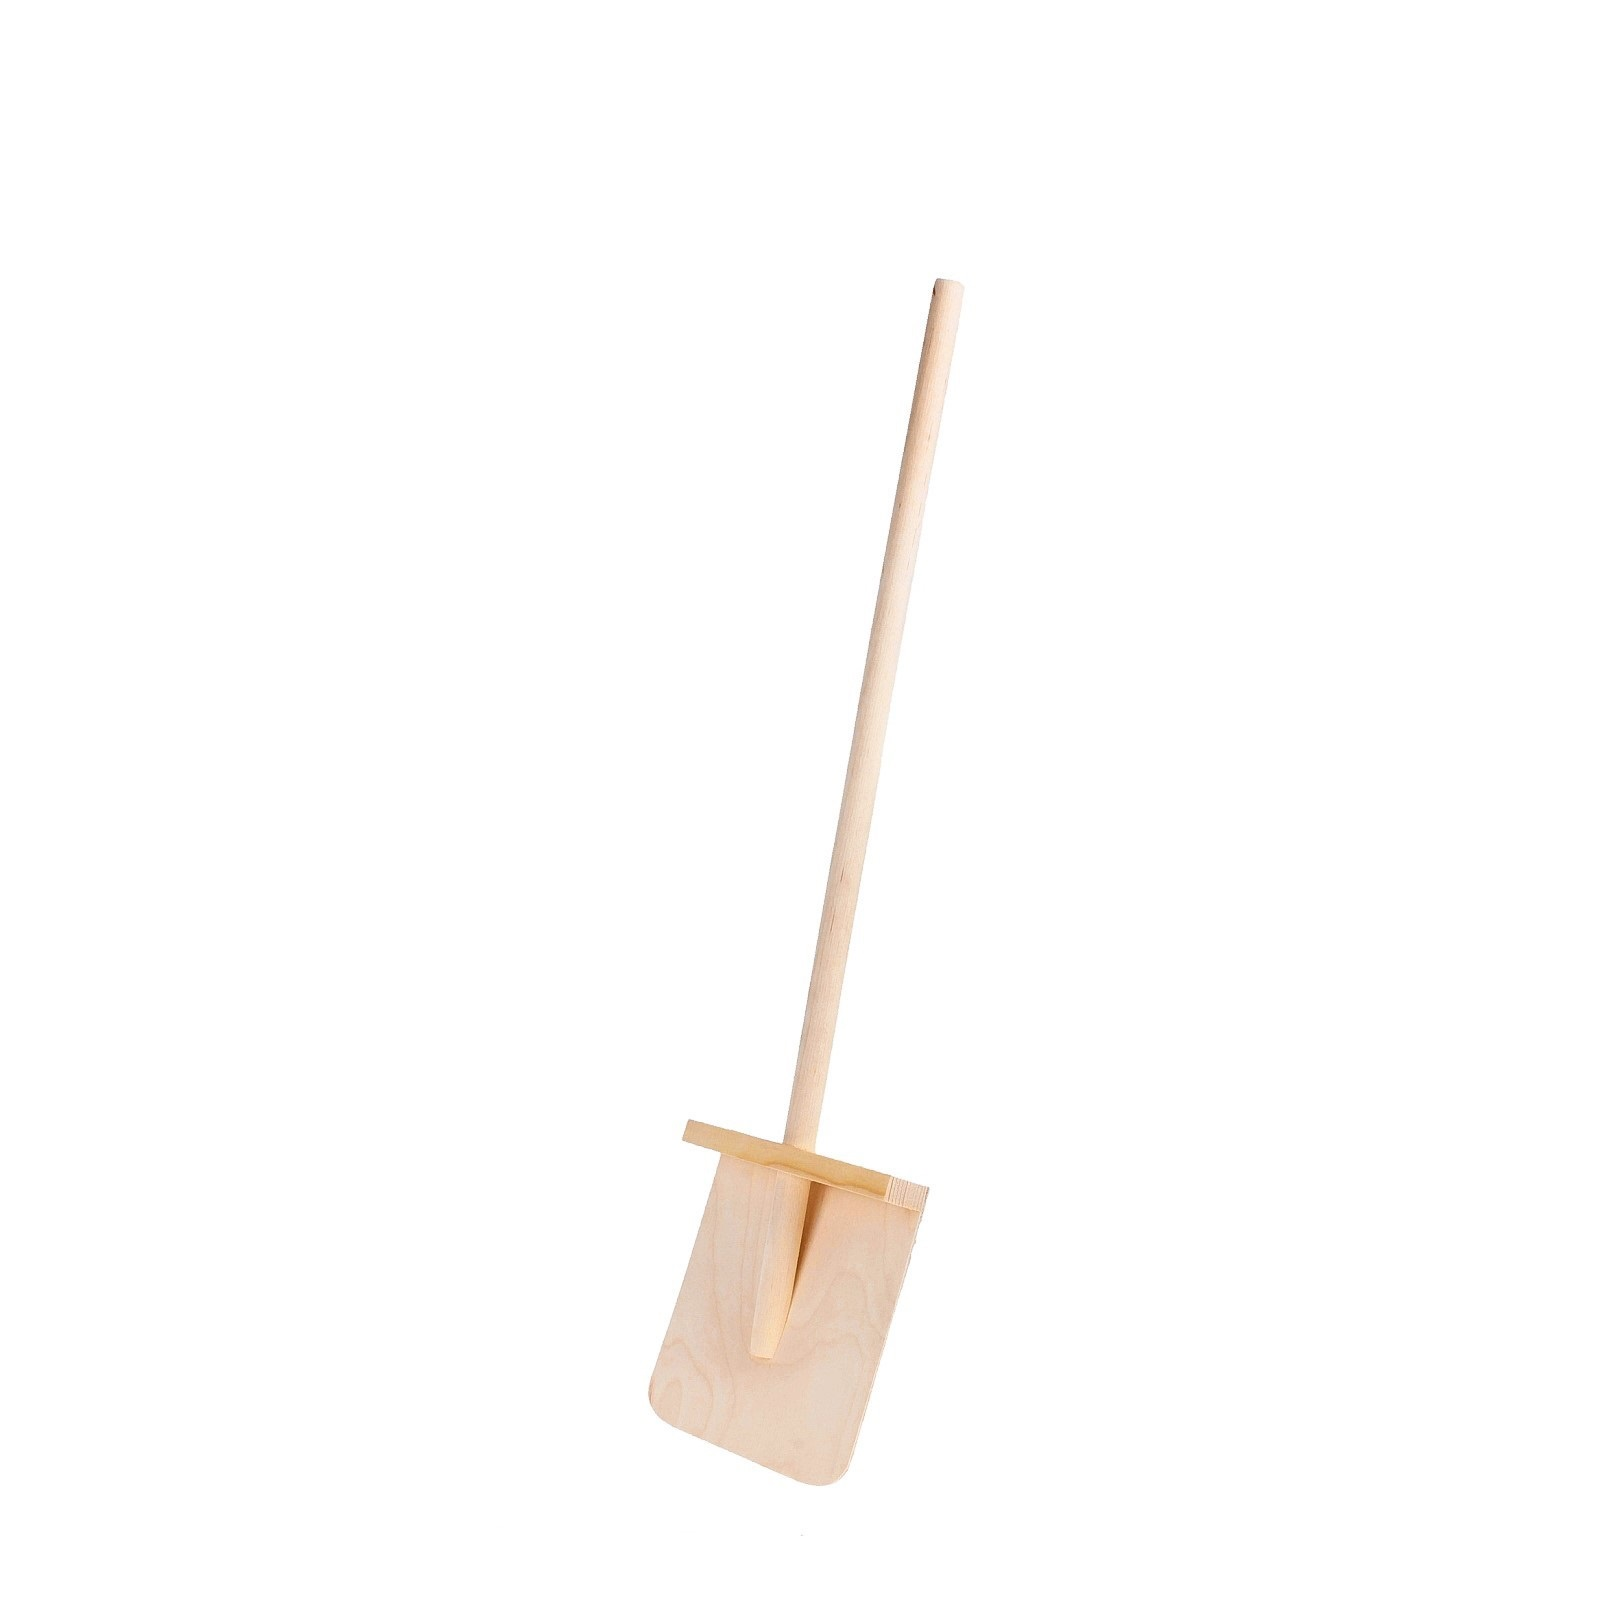 купить Игрушка для песочницы Марич ЛМ Лопатка деревянная Малая бежевый по цене 100 рублей